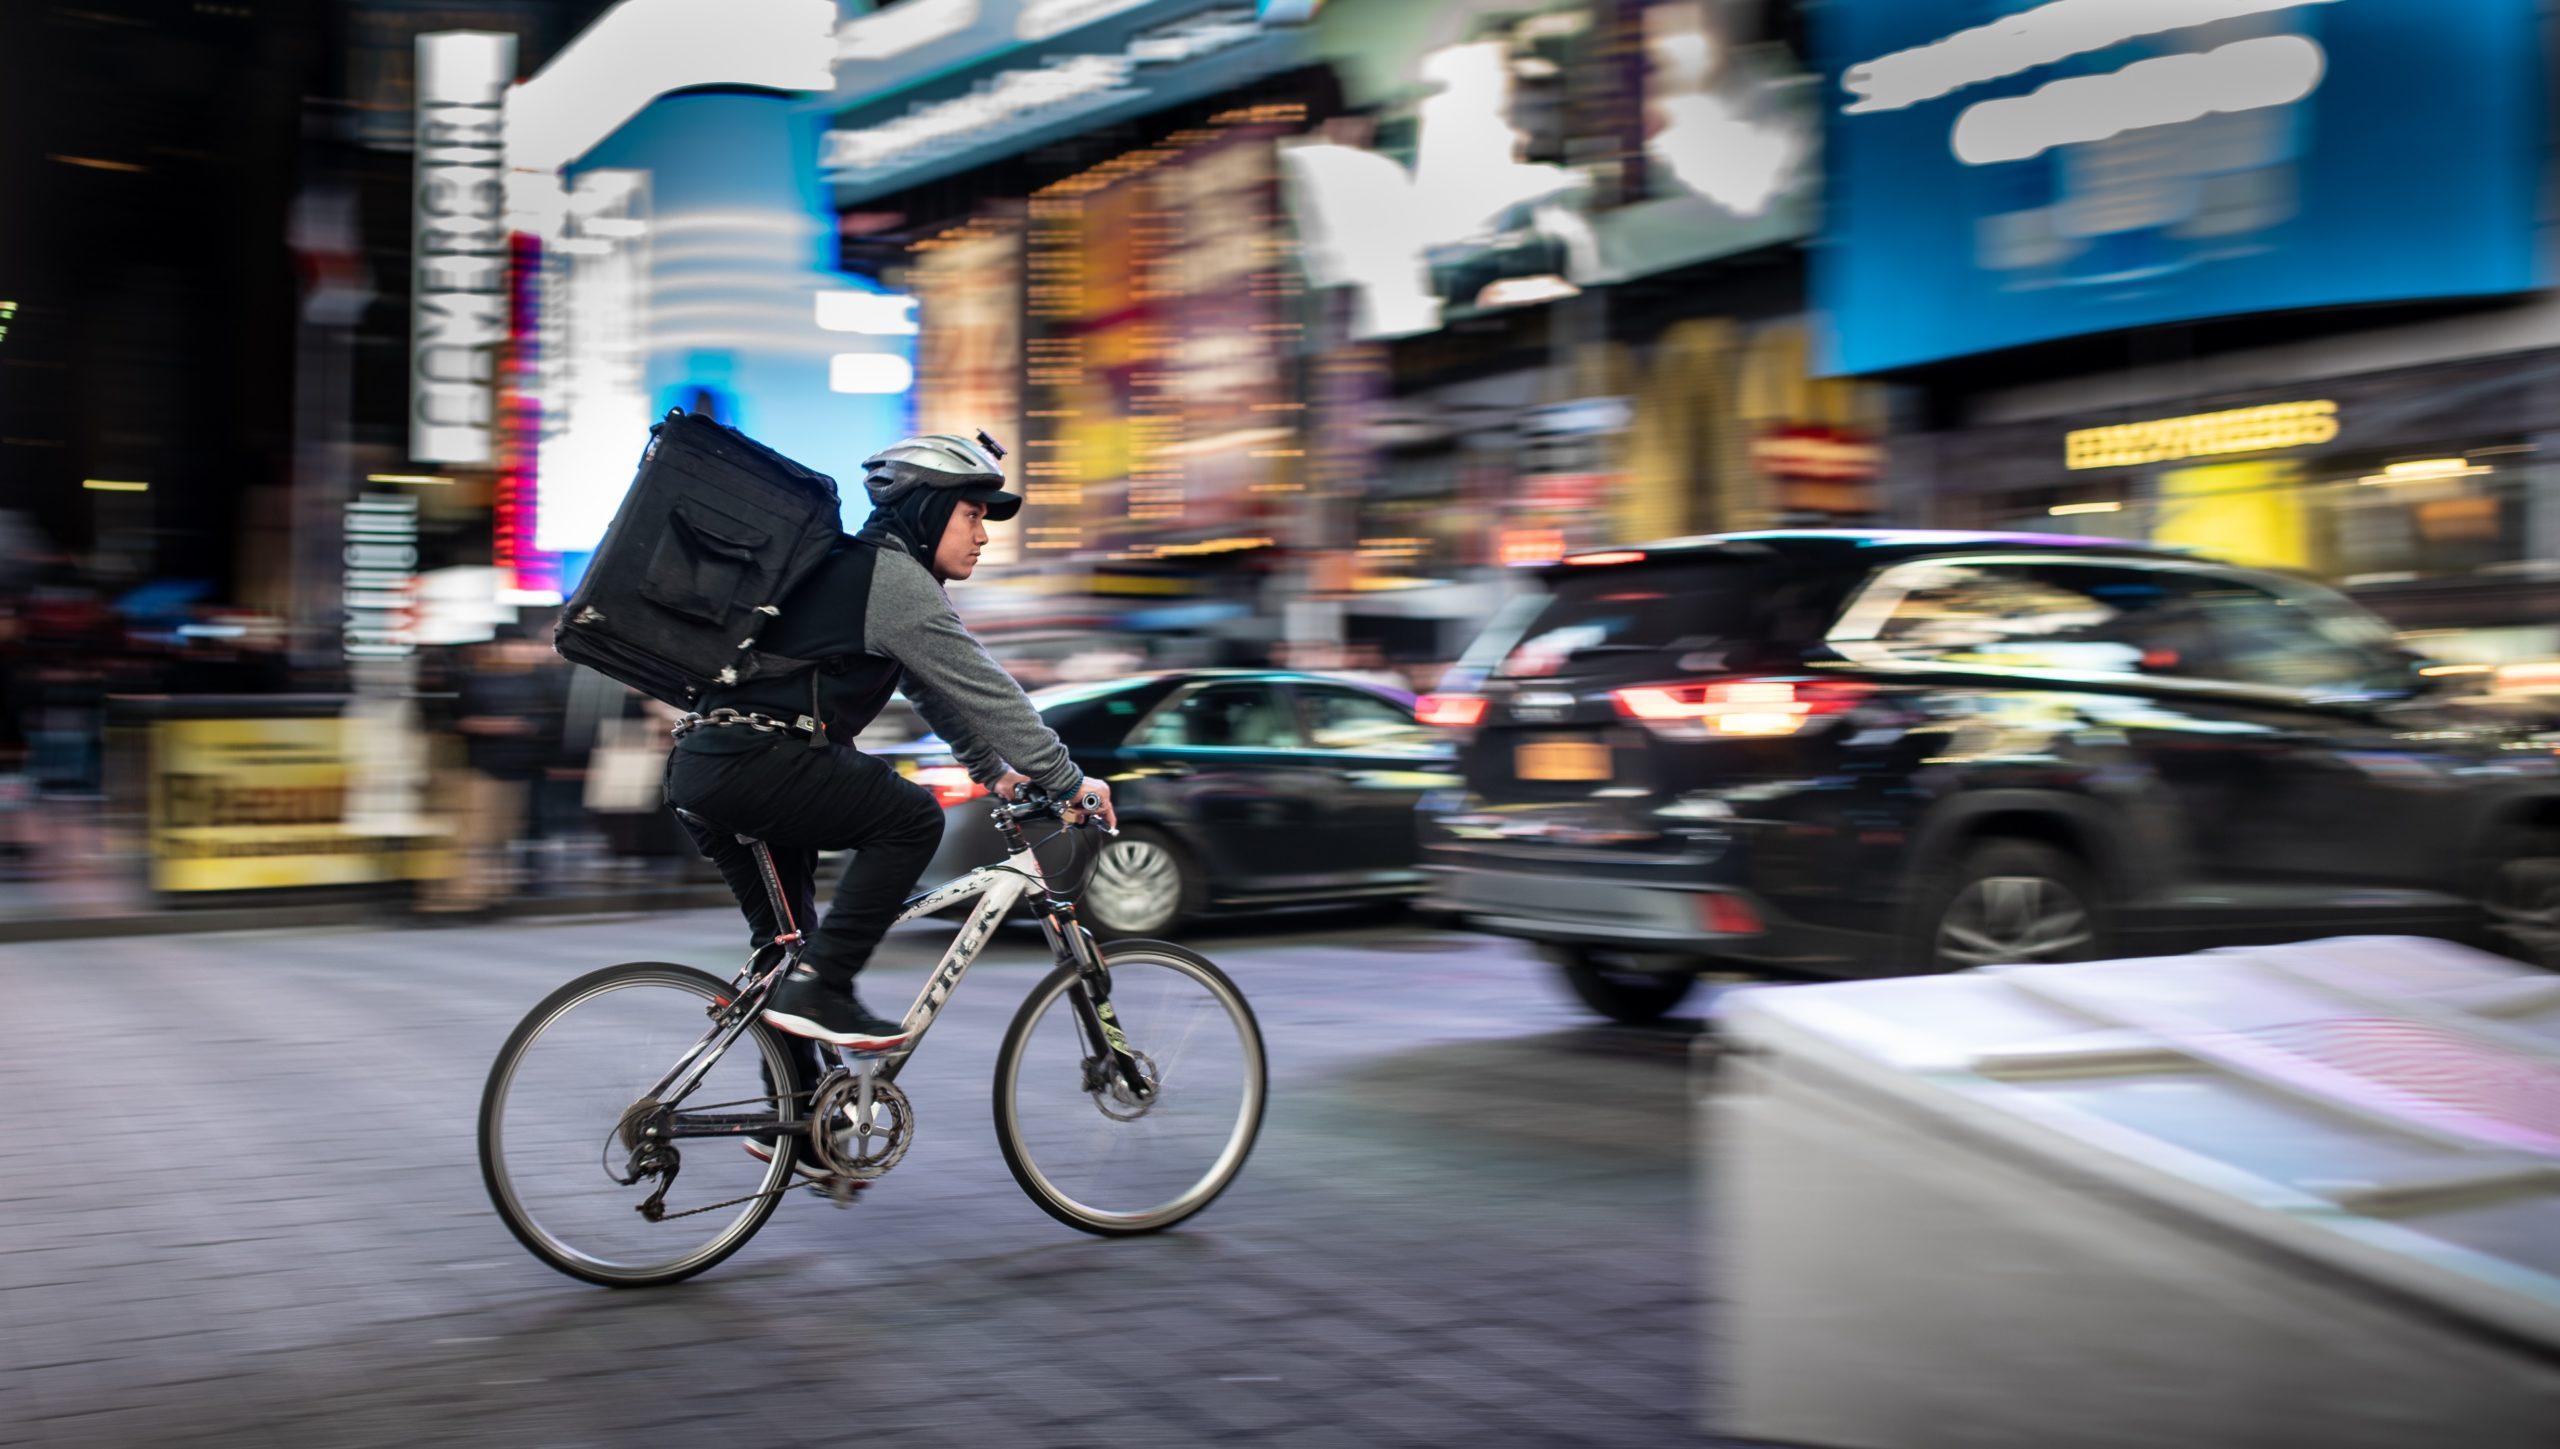 Vemos um homem fazendo delivery em uma cidade com sua bicicleta (imagem ilustrativa). Texto: franquia delivery.